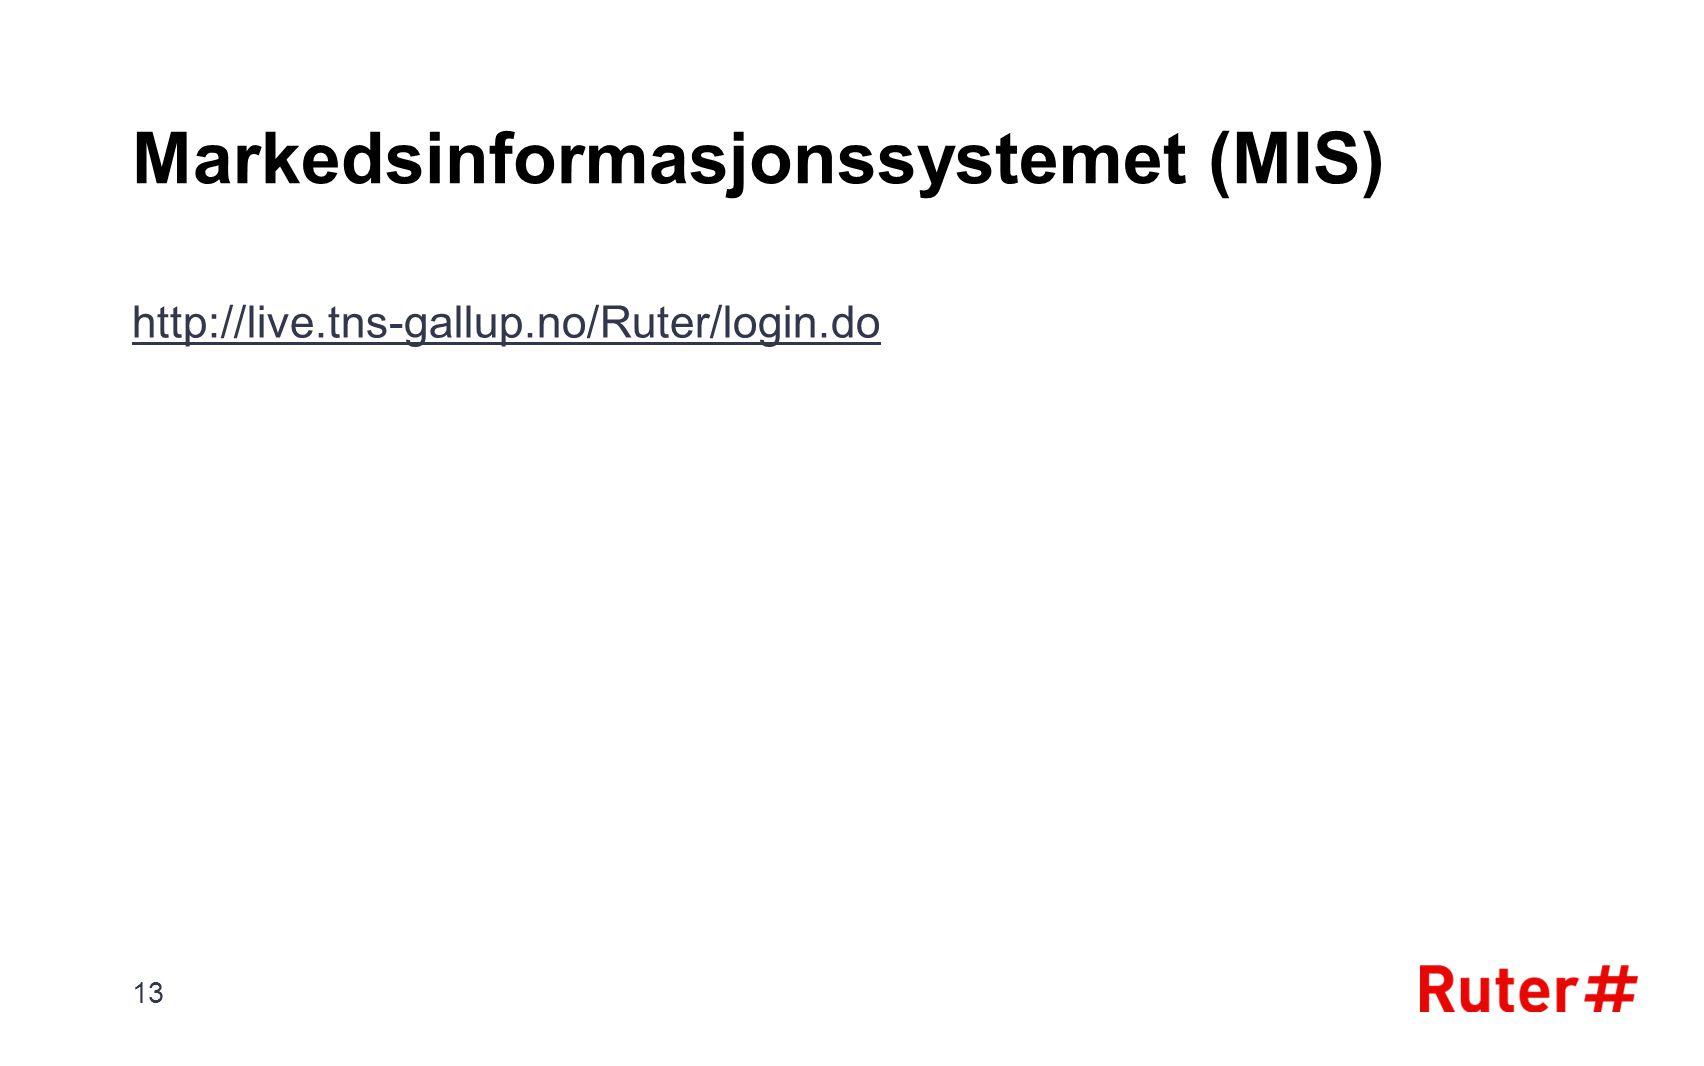 Markedsinformasjonssystemet (MIS) http://live.tns-gallup.no/Ruter/login.do 13